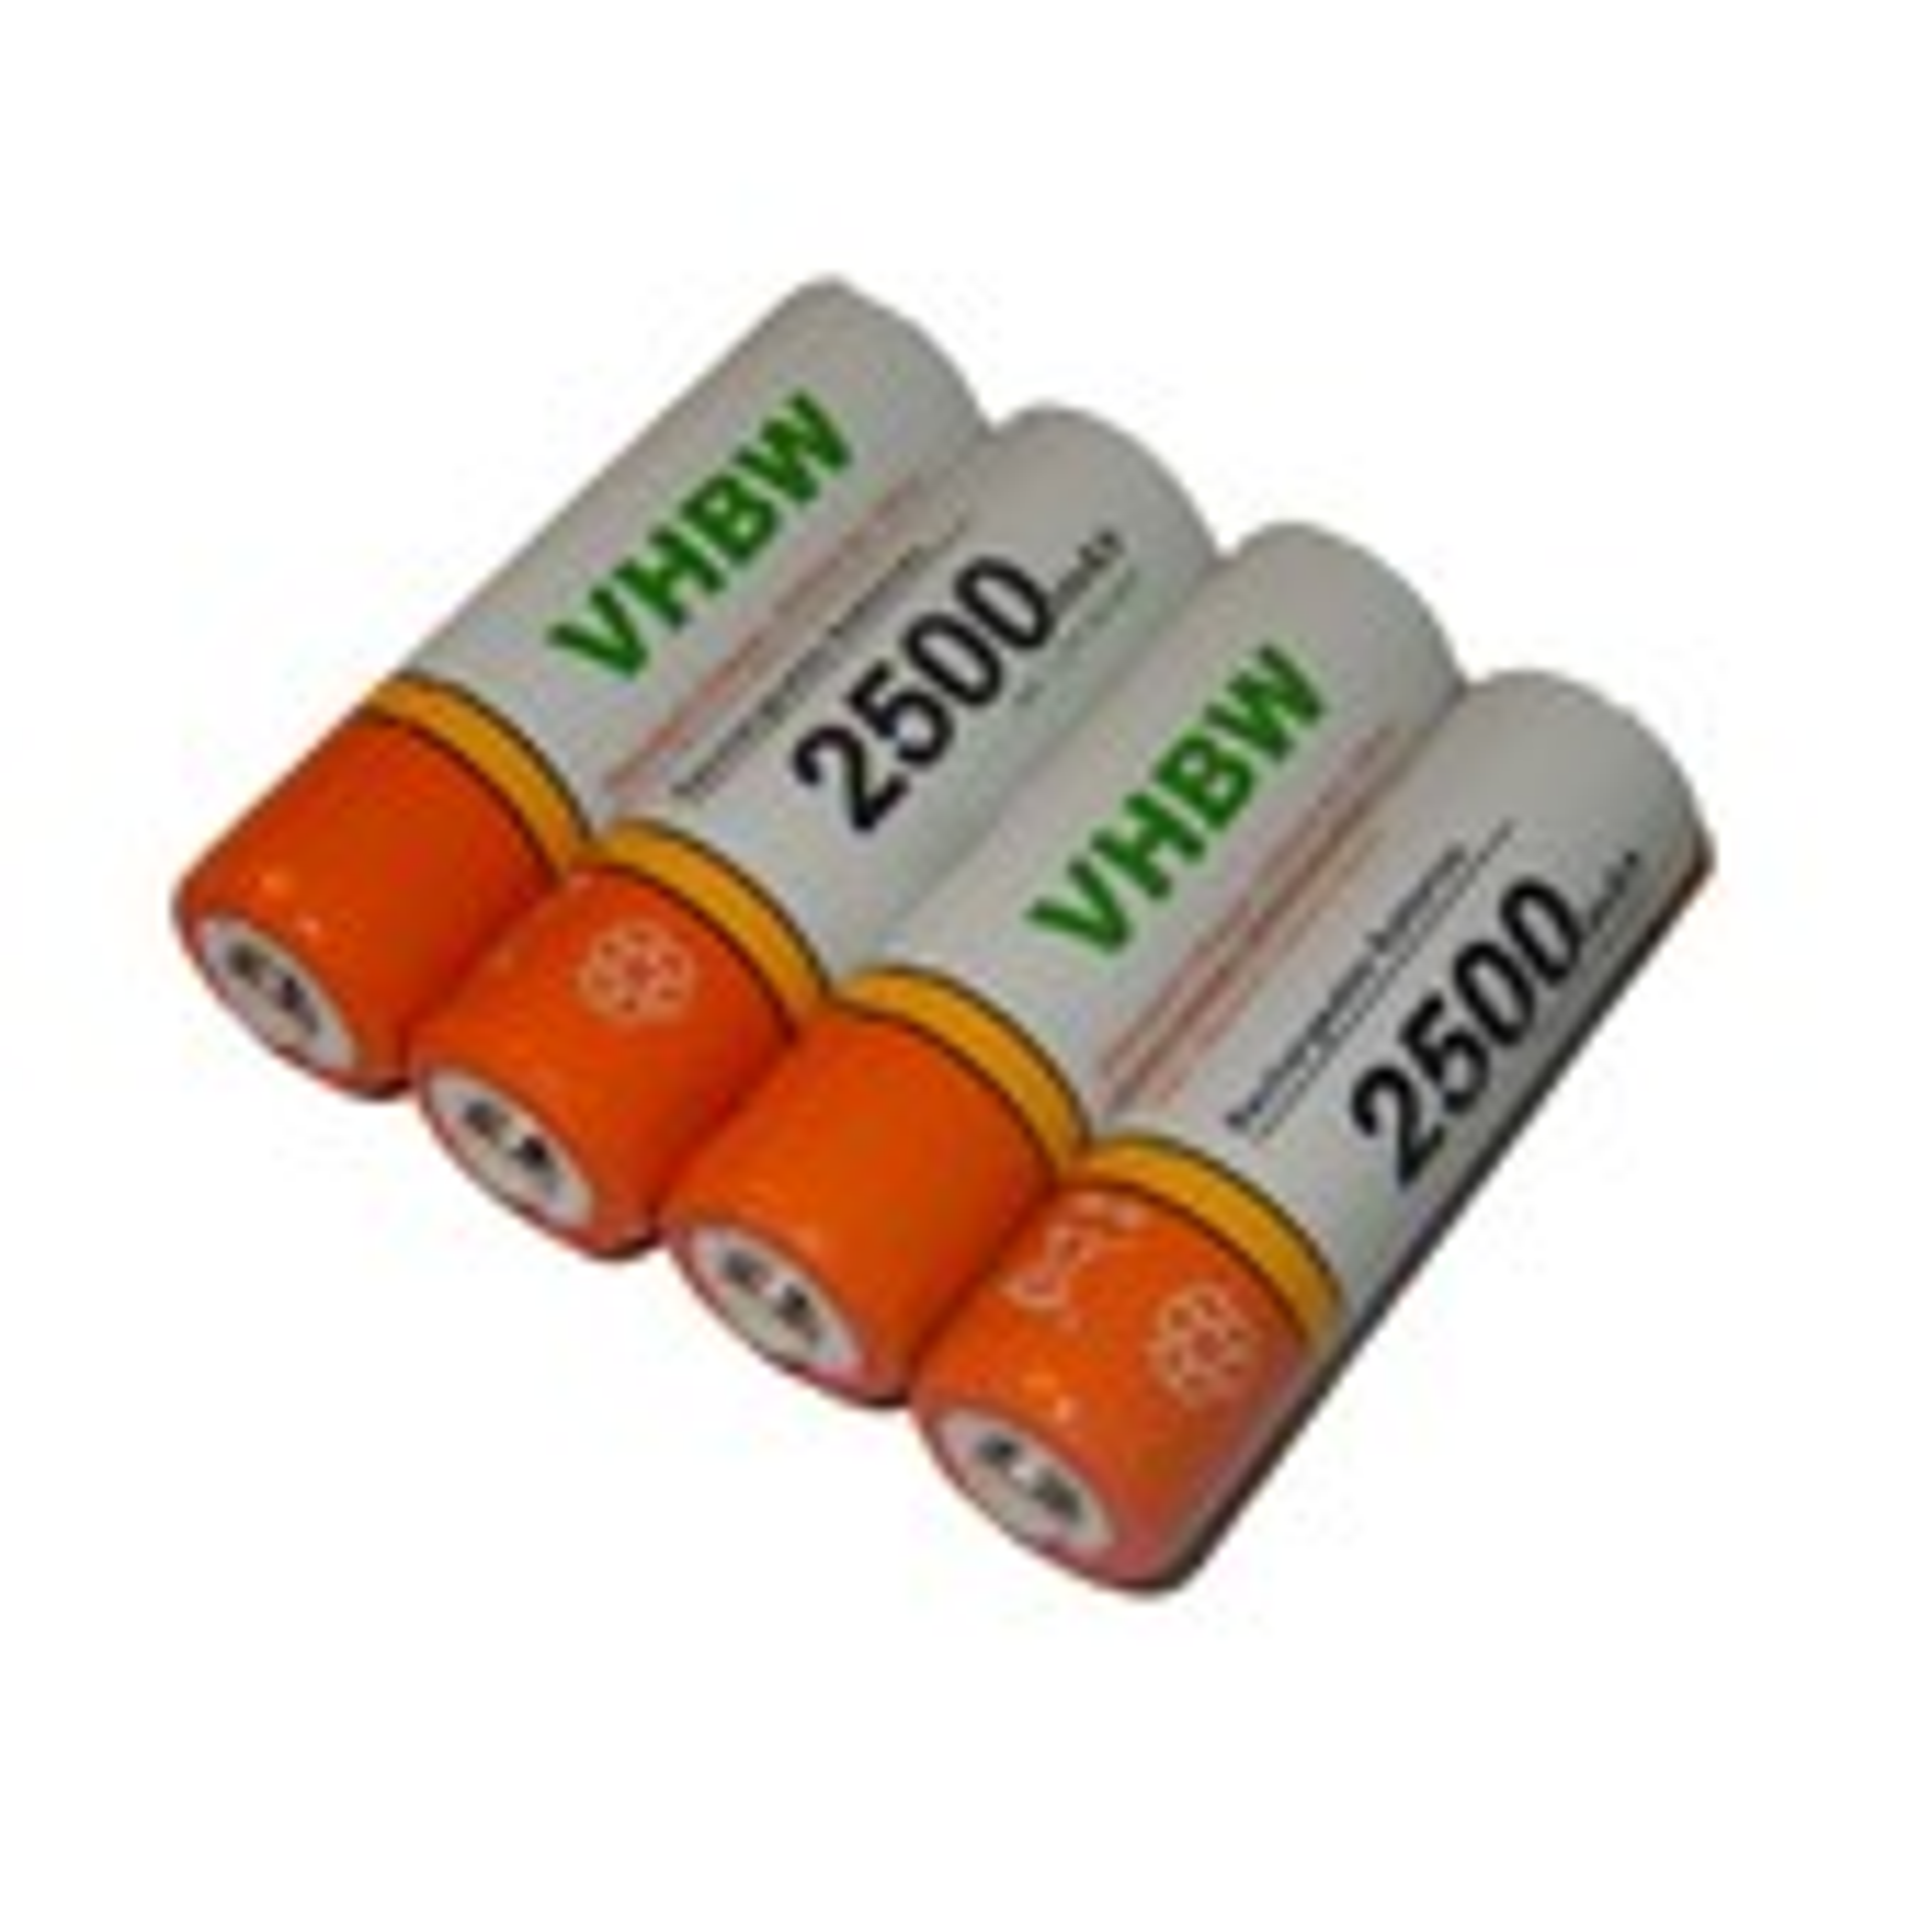 Lot de 4 batteries vhbw AA, Mignon, HR6, LR6 2500mAh pour souris Logitech M185, M235, M280, M317, M325, M345, M510, M525, console V-Tech